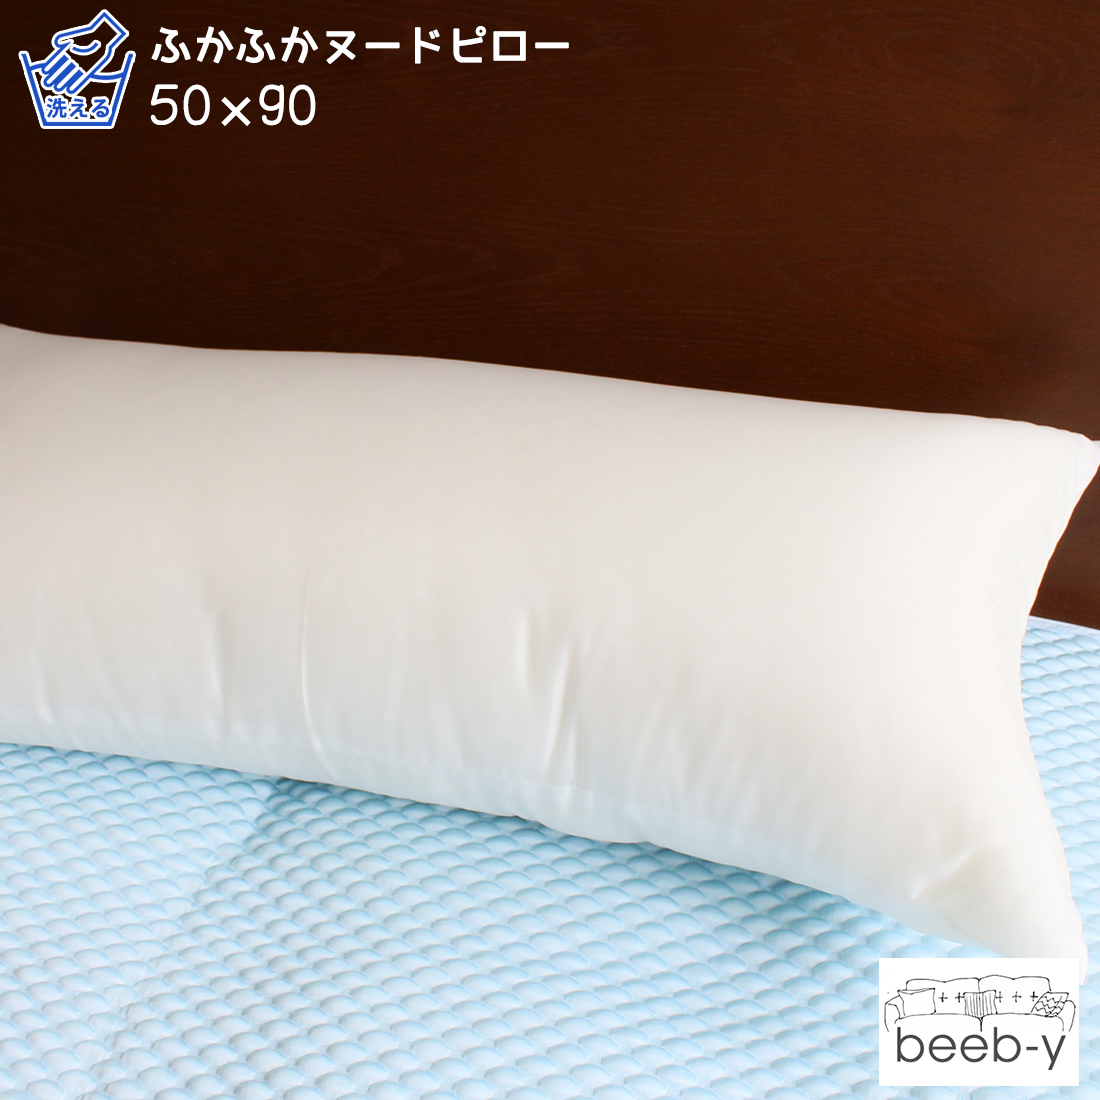 3個まで1梱包 抱き枕 中身 洗える 50×90 佐川またはヤマト便 子供 開催中 ストレート 送料込 快眠 いびき防止